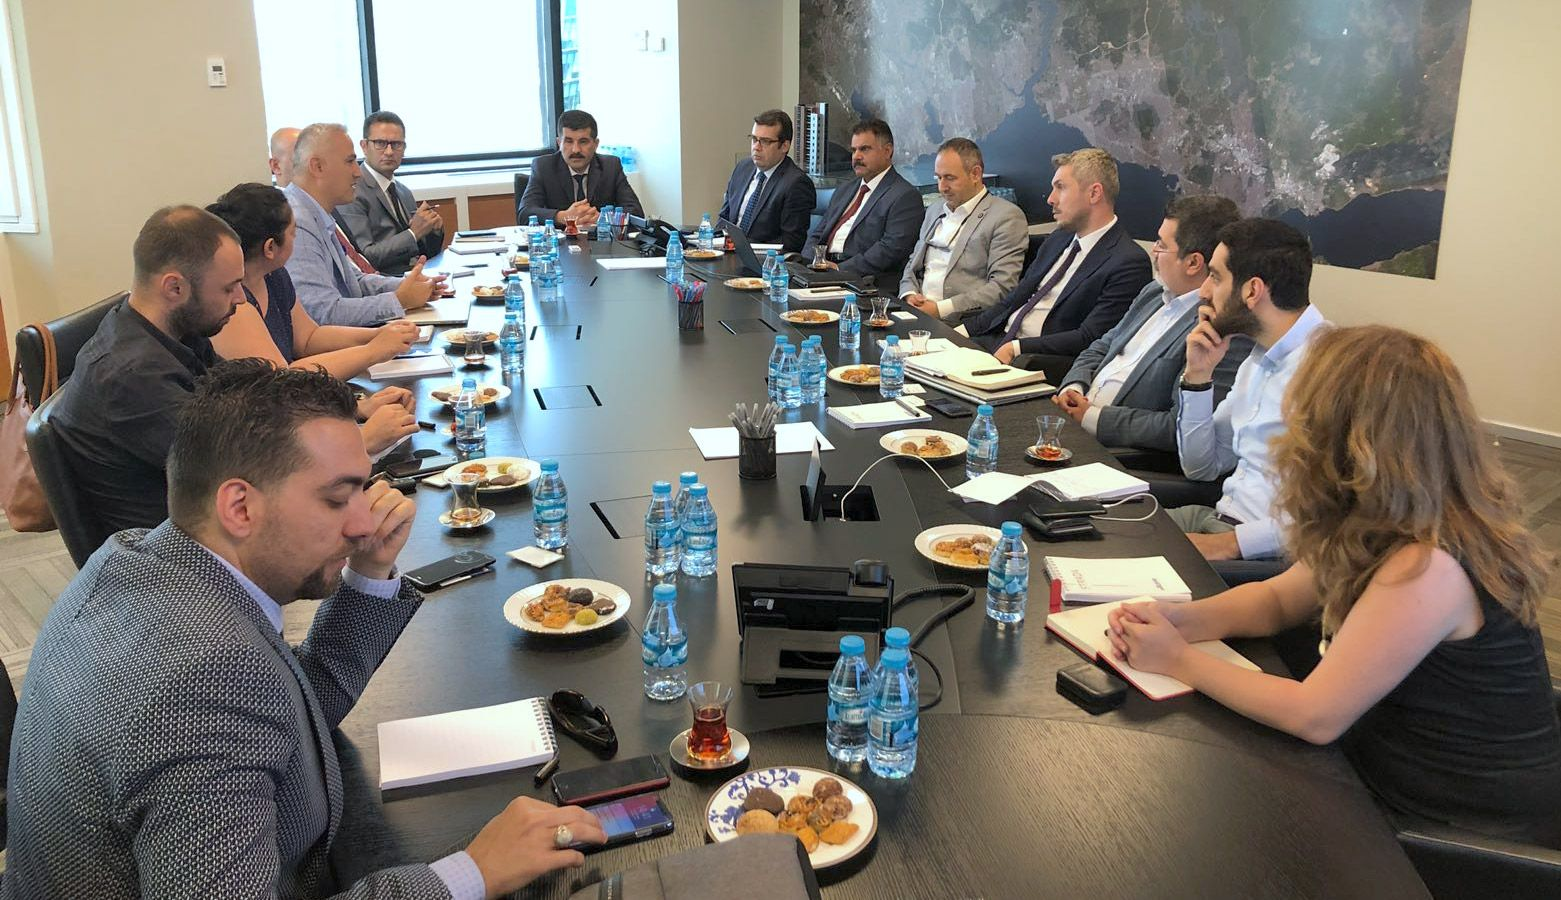 Bayram Tekçe Blev Ordförande i Fastighet Export Kommitté